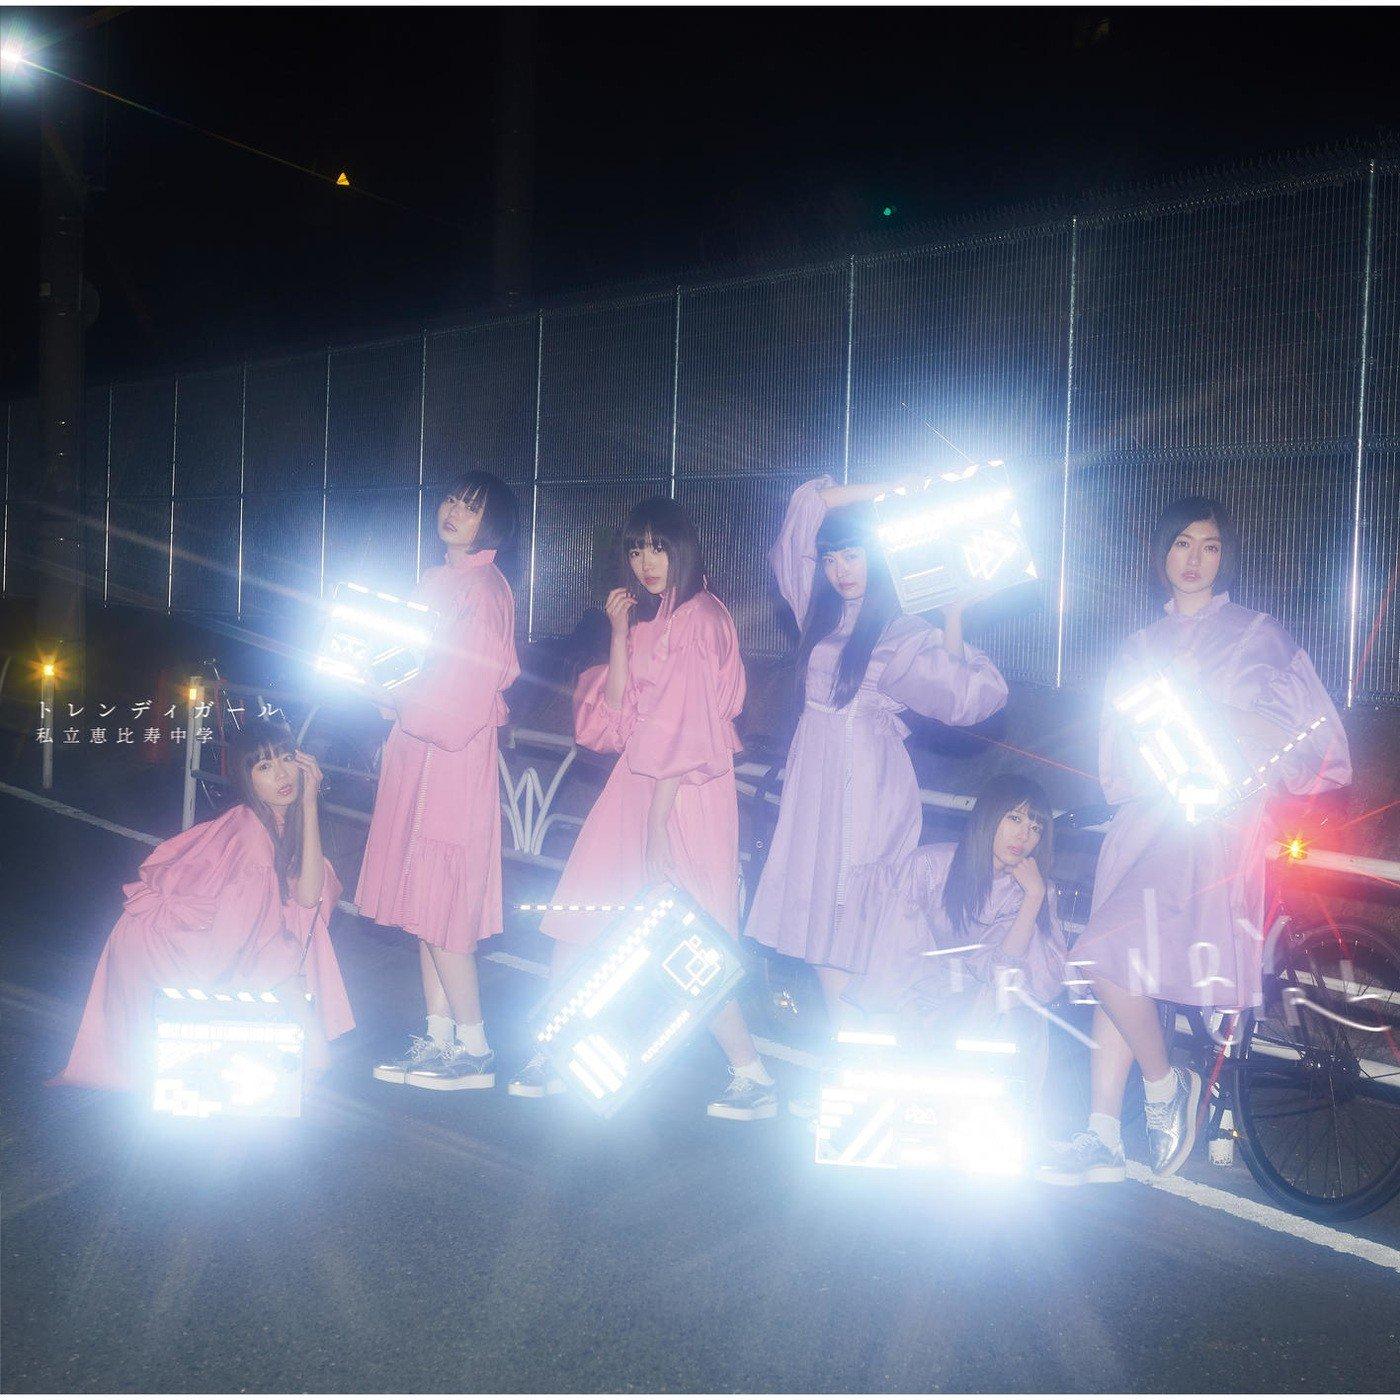 私立恵比寿中学 (Shiritsu Ebisu Chuugaku) – トレンディガール (Trendy Girl) [FLAC + MP3 320 / WEB] [2019.06.05]